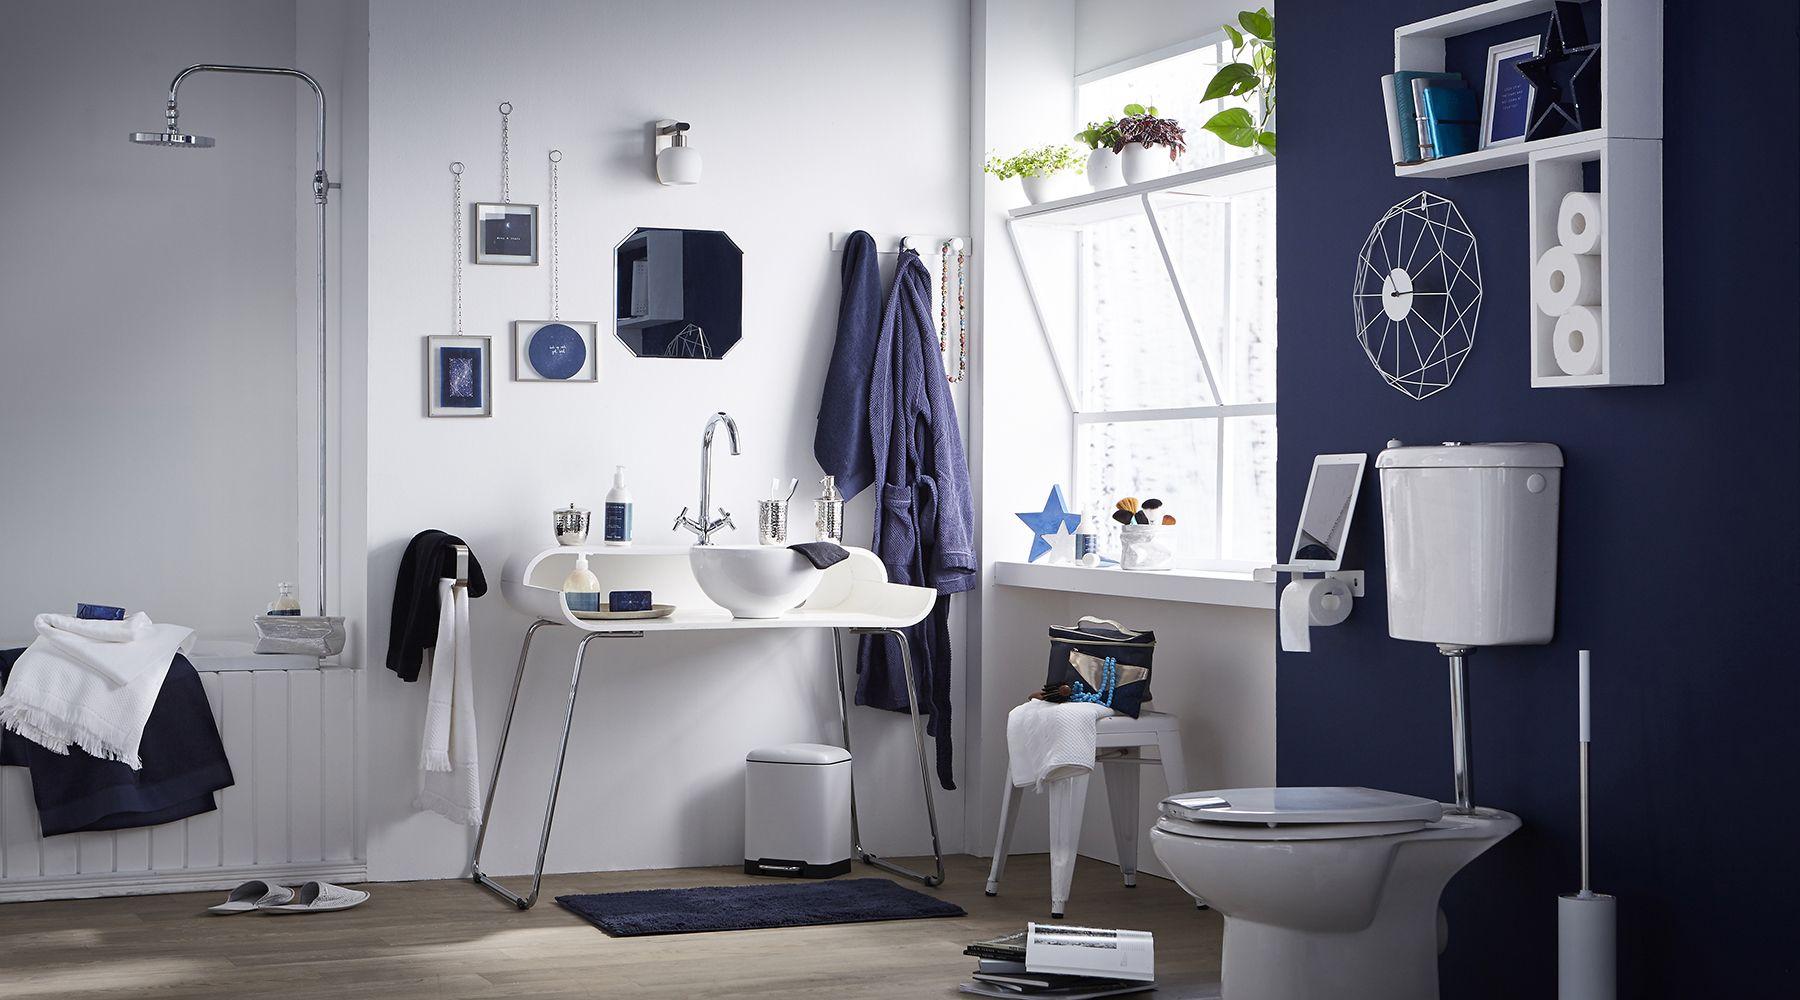 Id es d co salle de bain d clic sid ral job pinterest for Idee de job